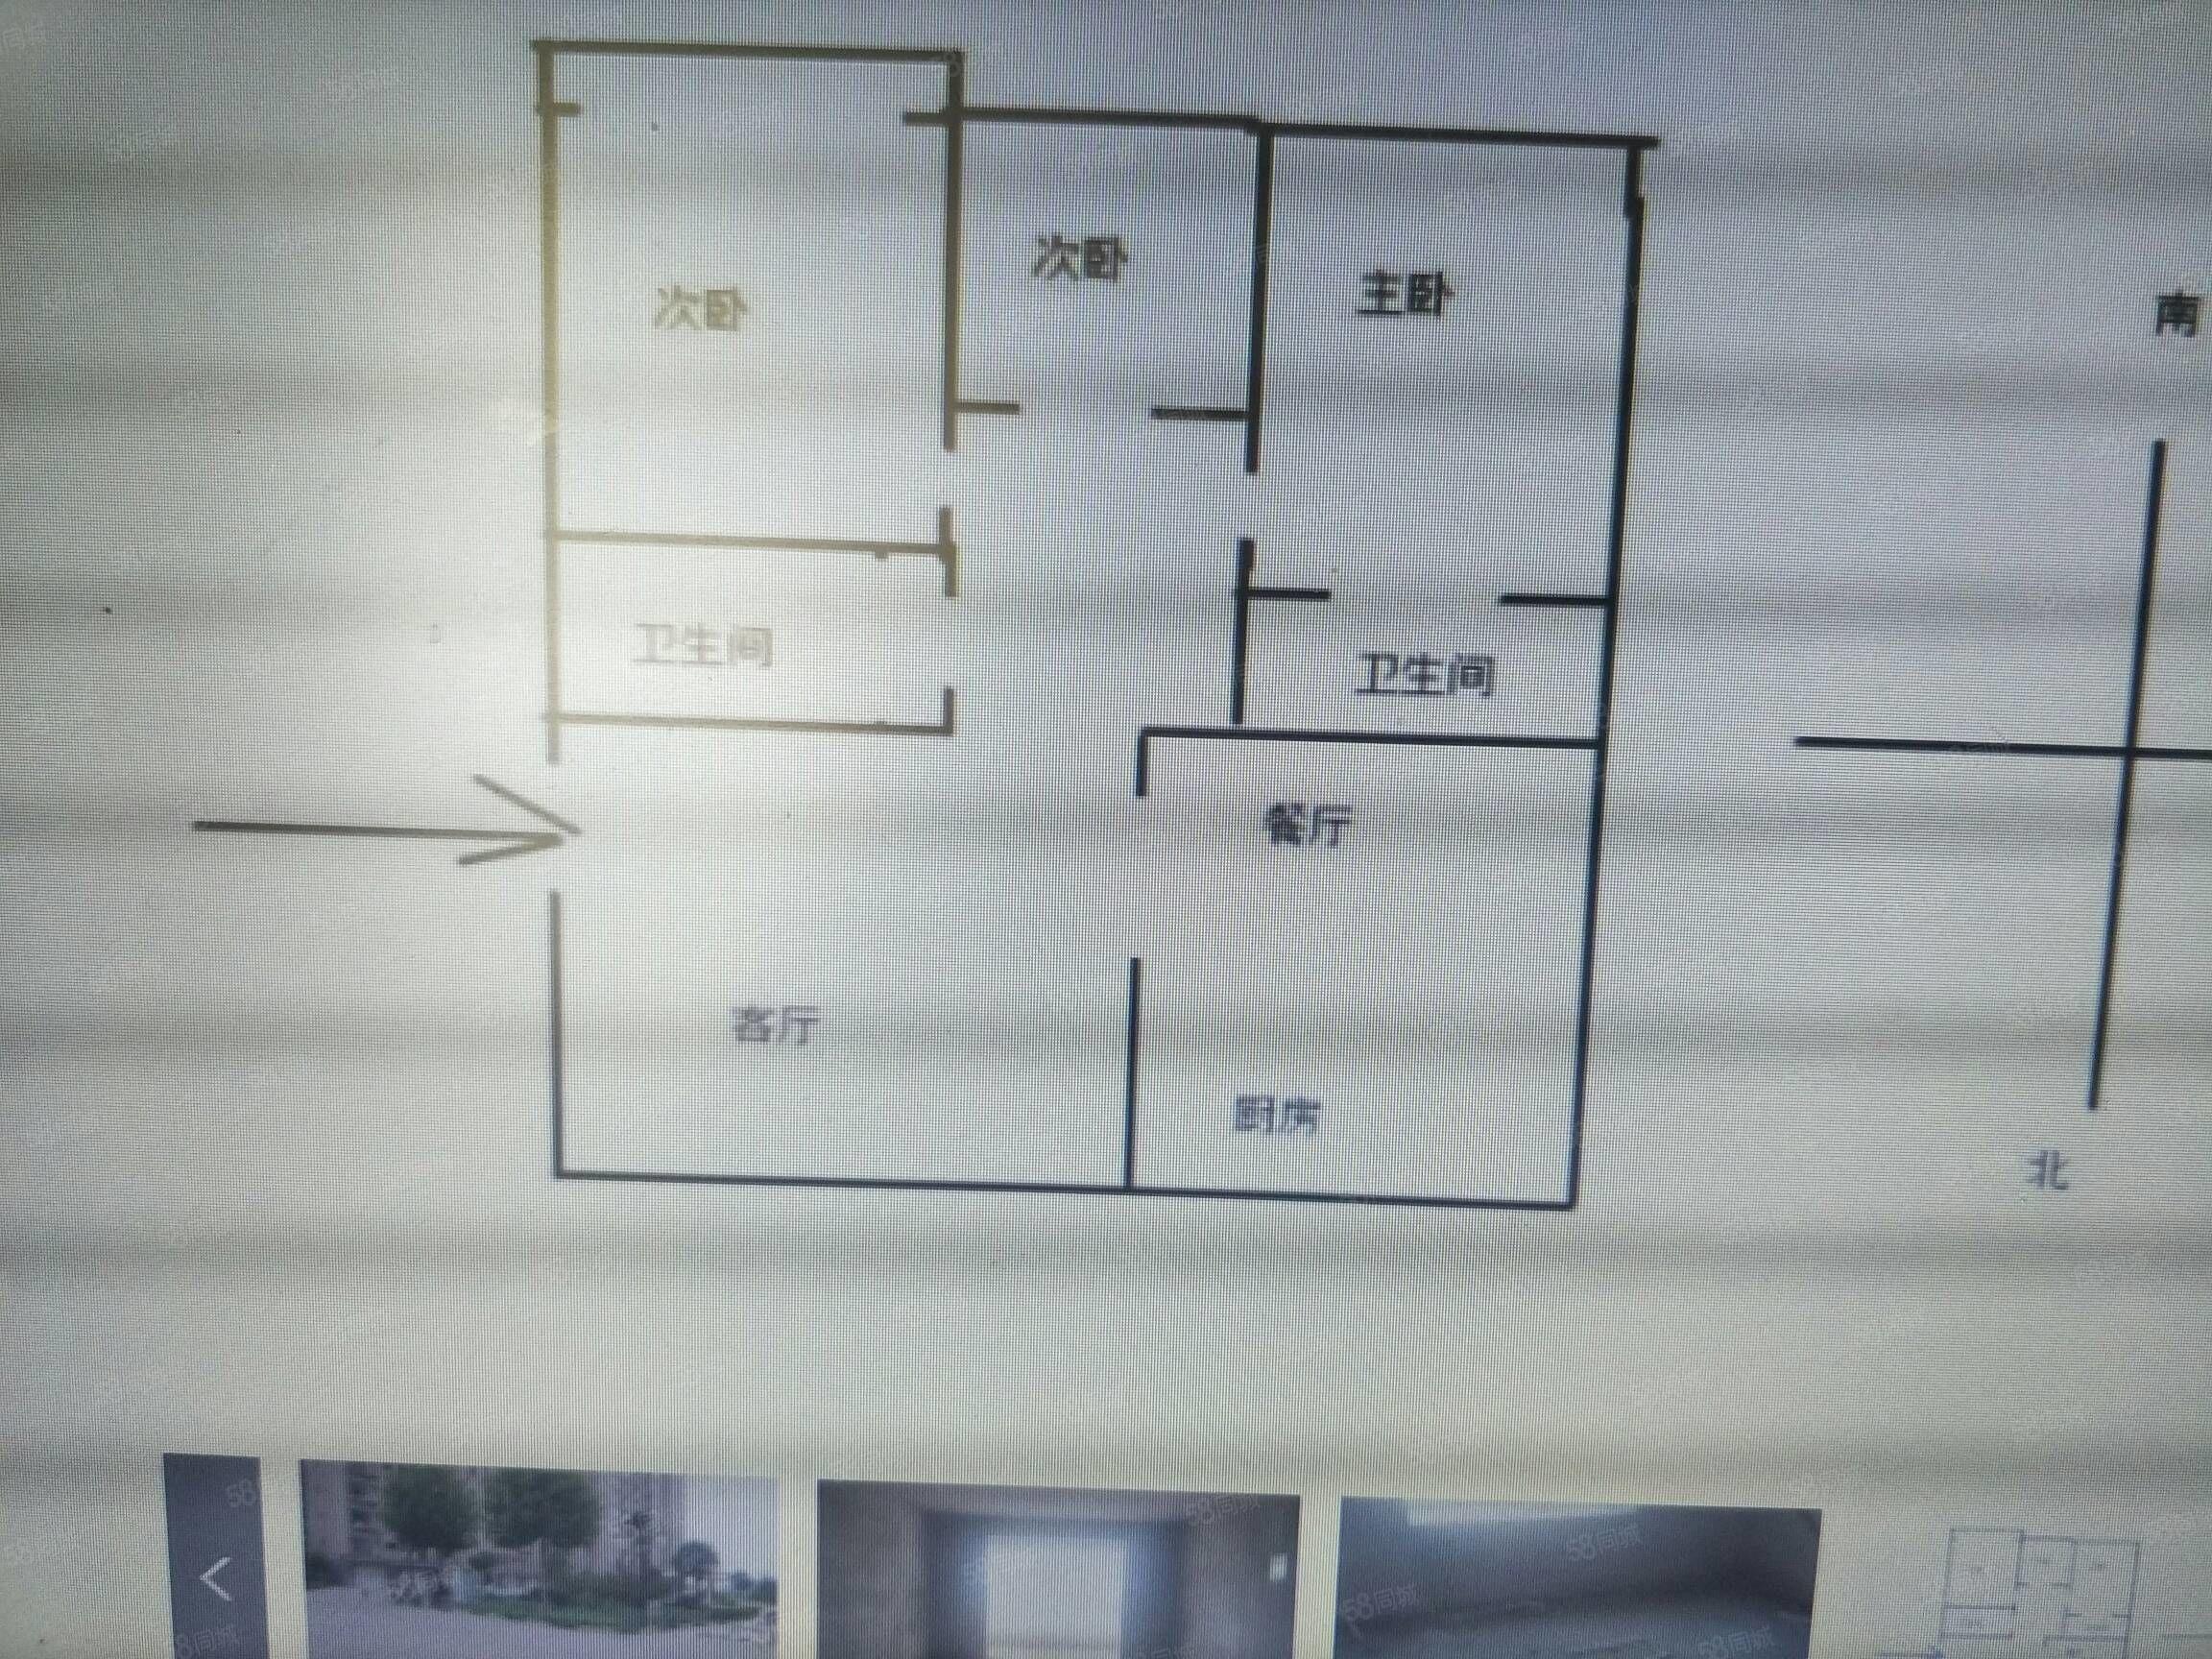 急售急售惠�稍访�坯房119平米的3室2�d1�l12�有枰�全款